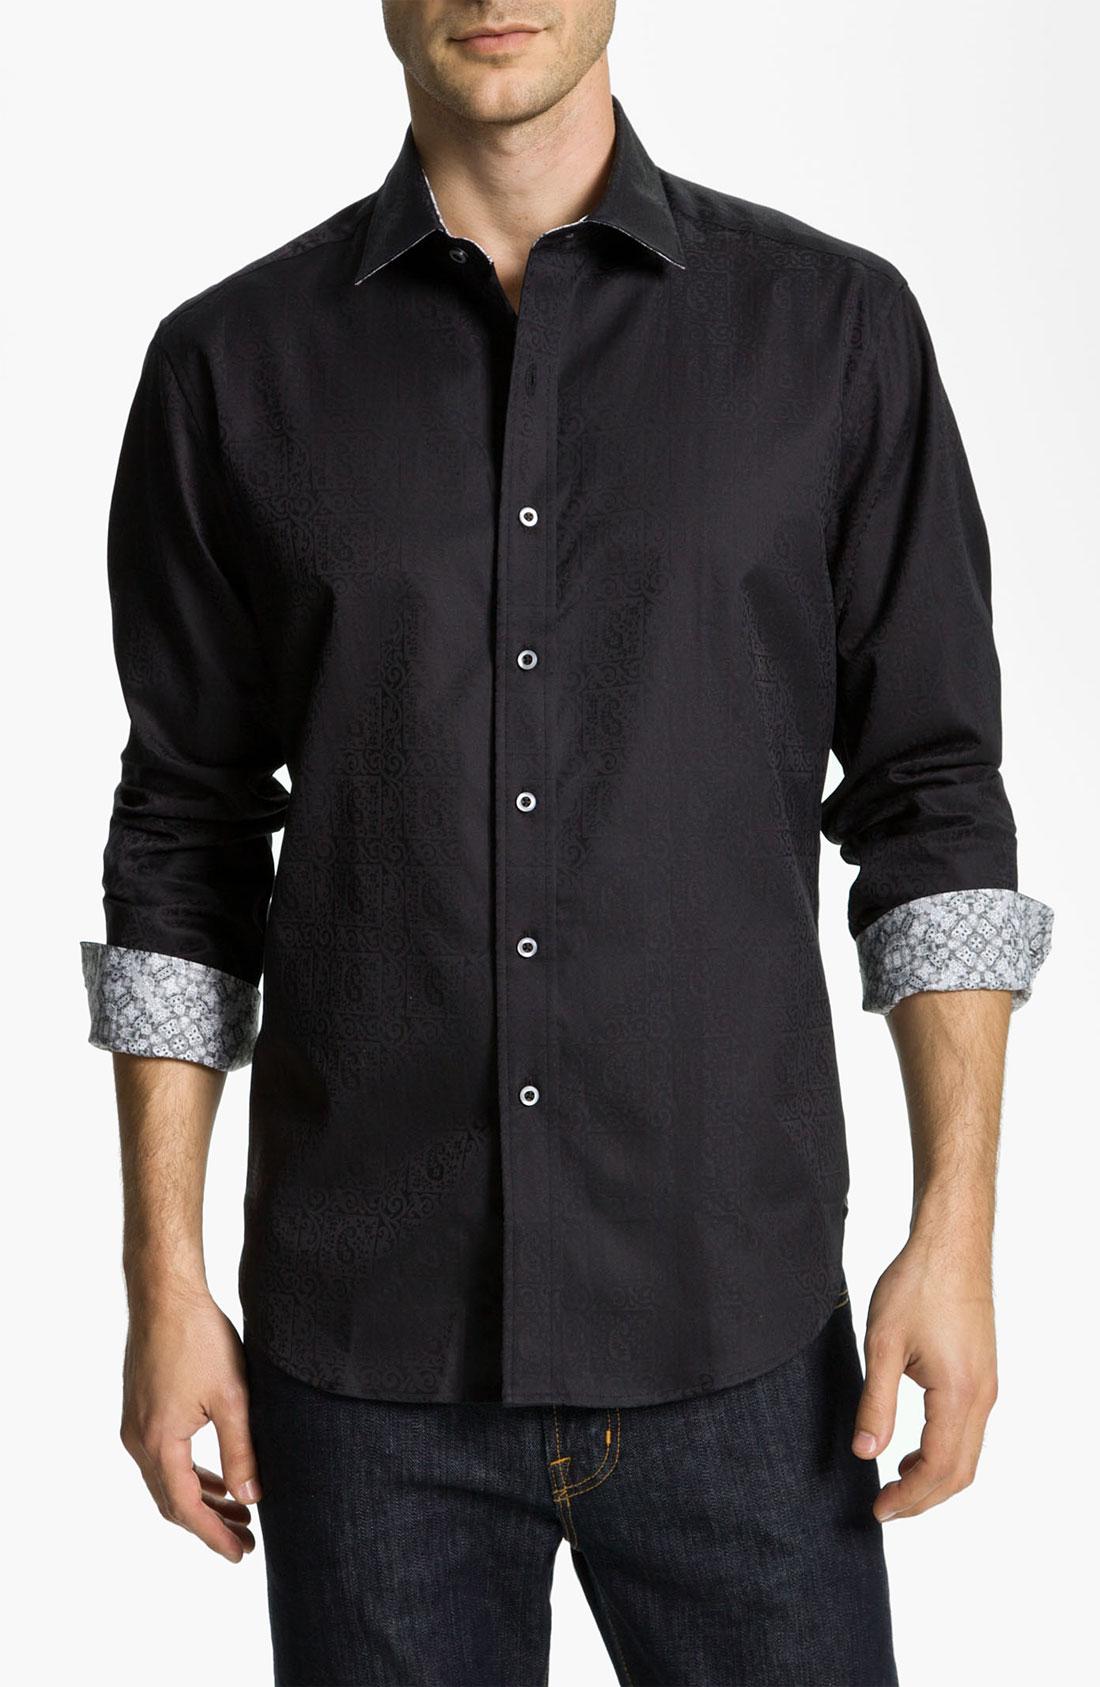 Robert graham windsor sport shirt in black for men lyst for Robert graham sport shirt